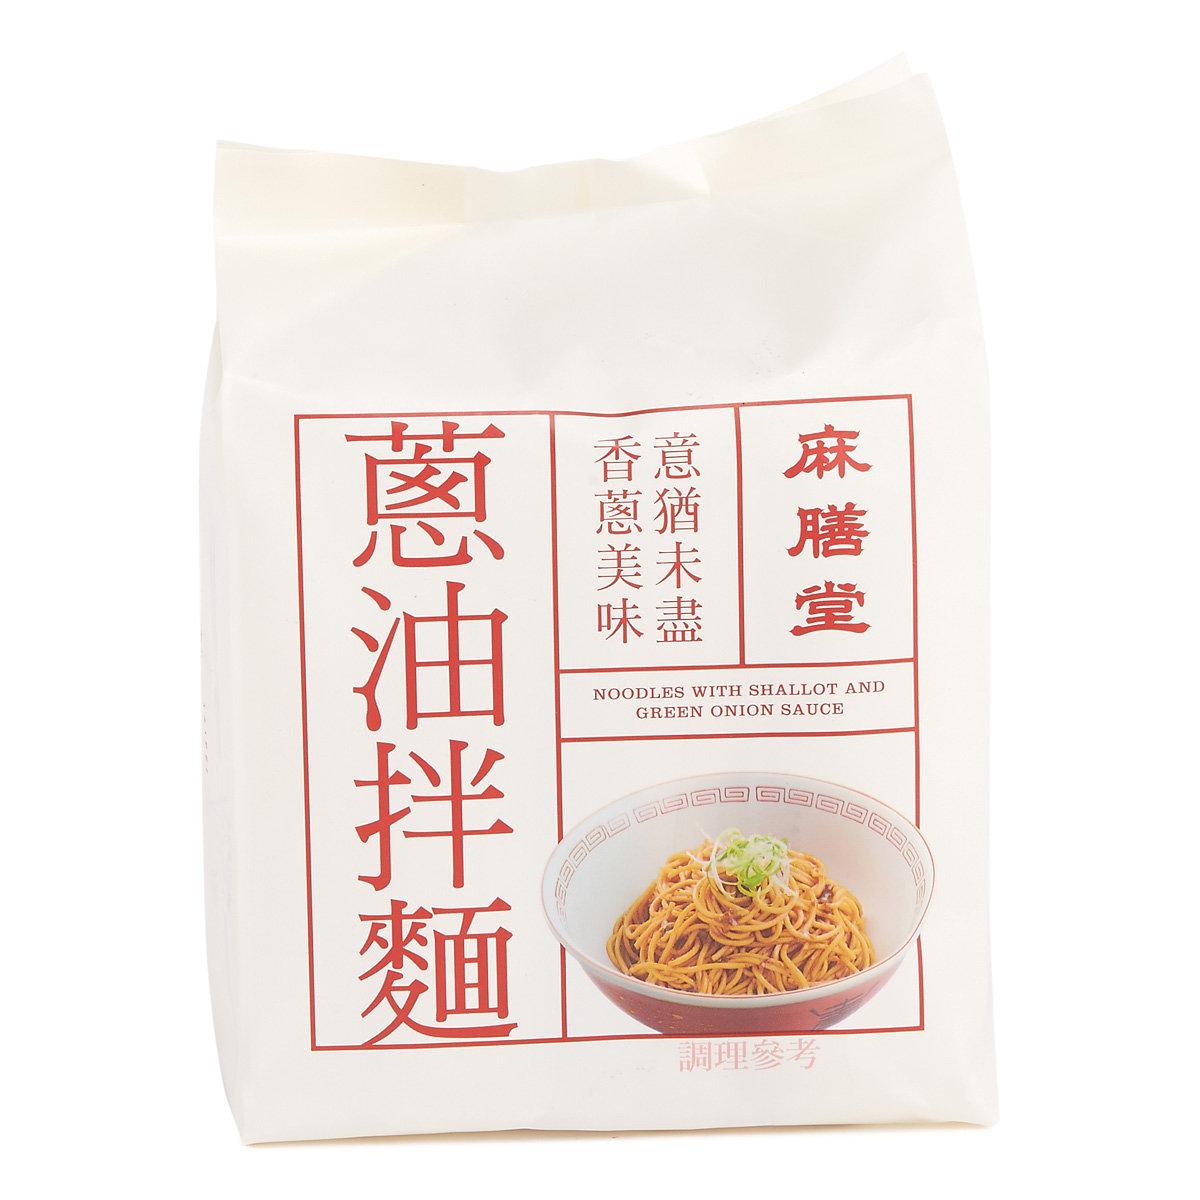 麻膳堂| 蔥油拌麵| 香港電視HKTVmall 網上購物